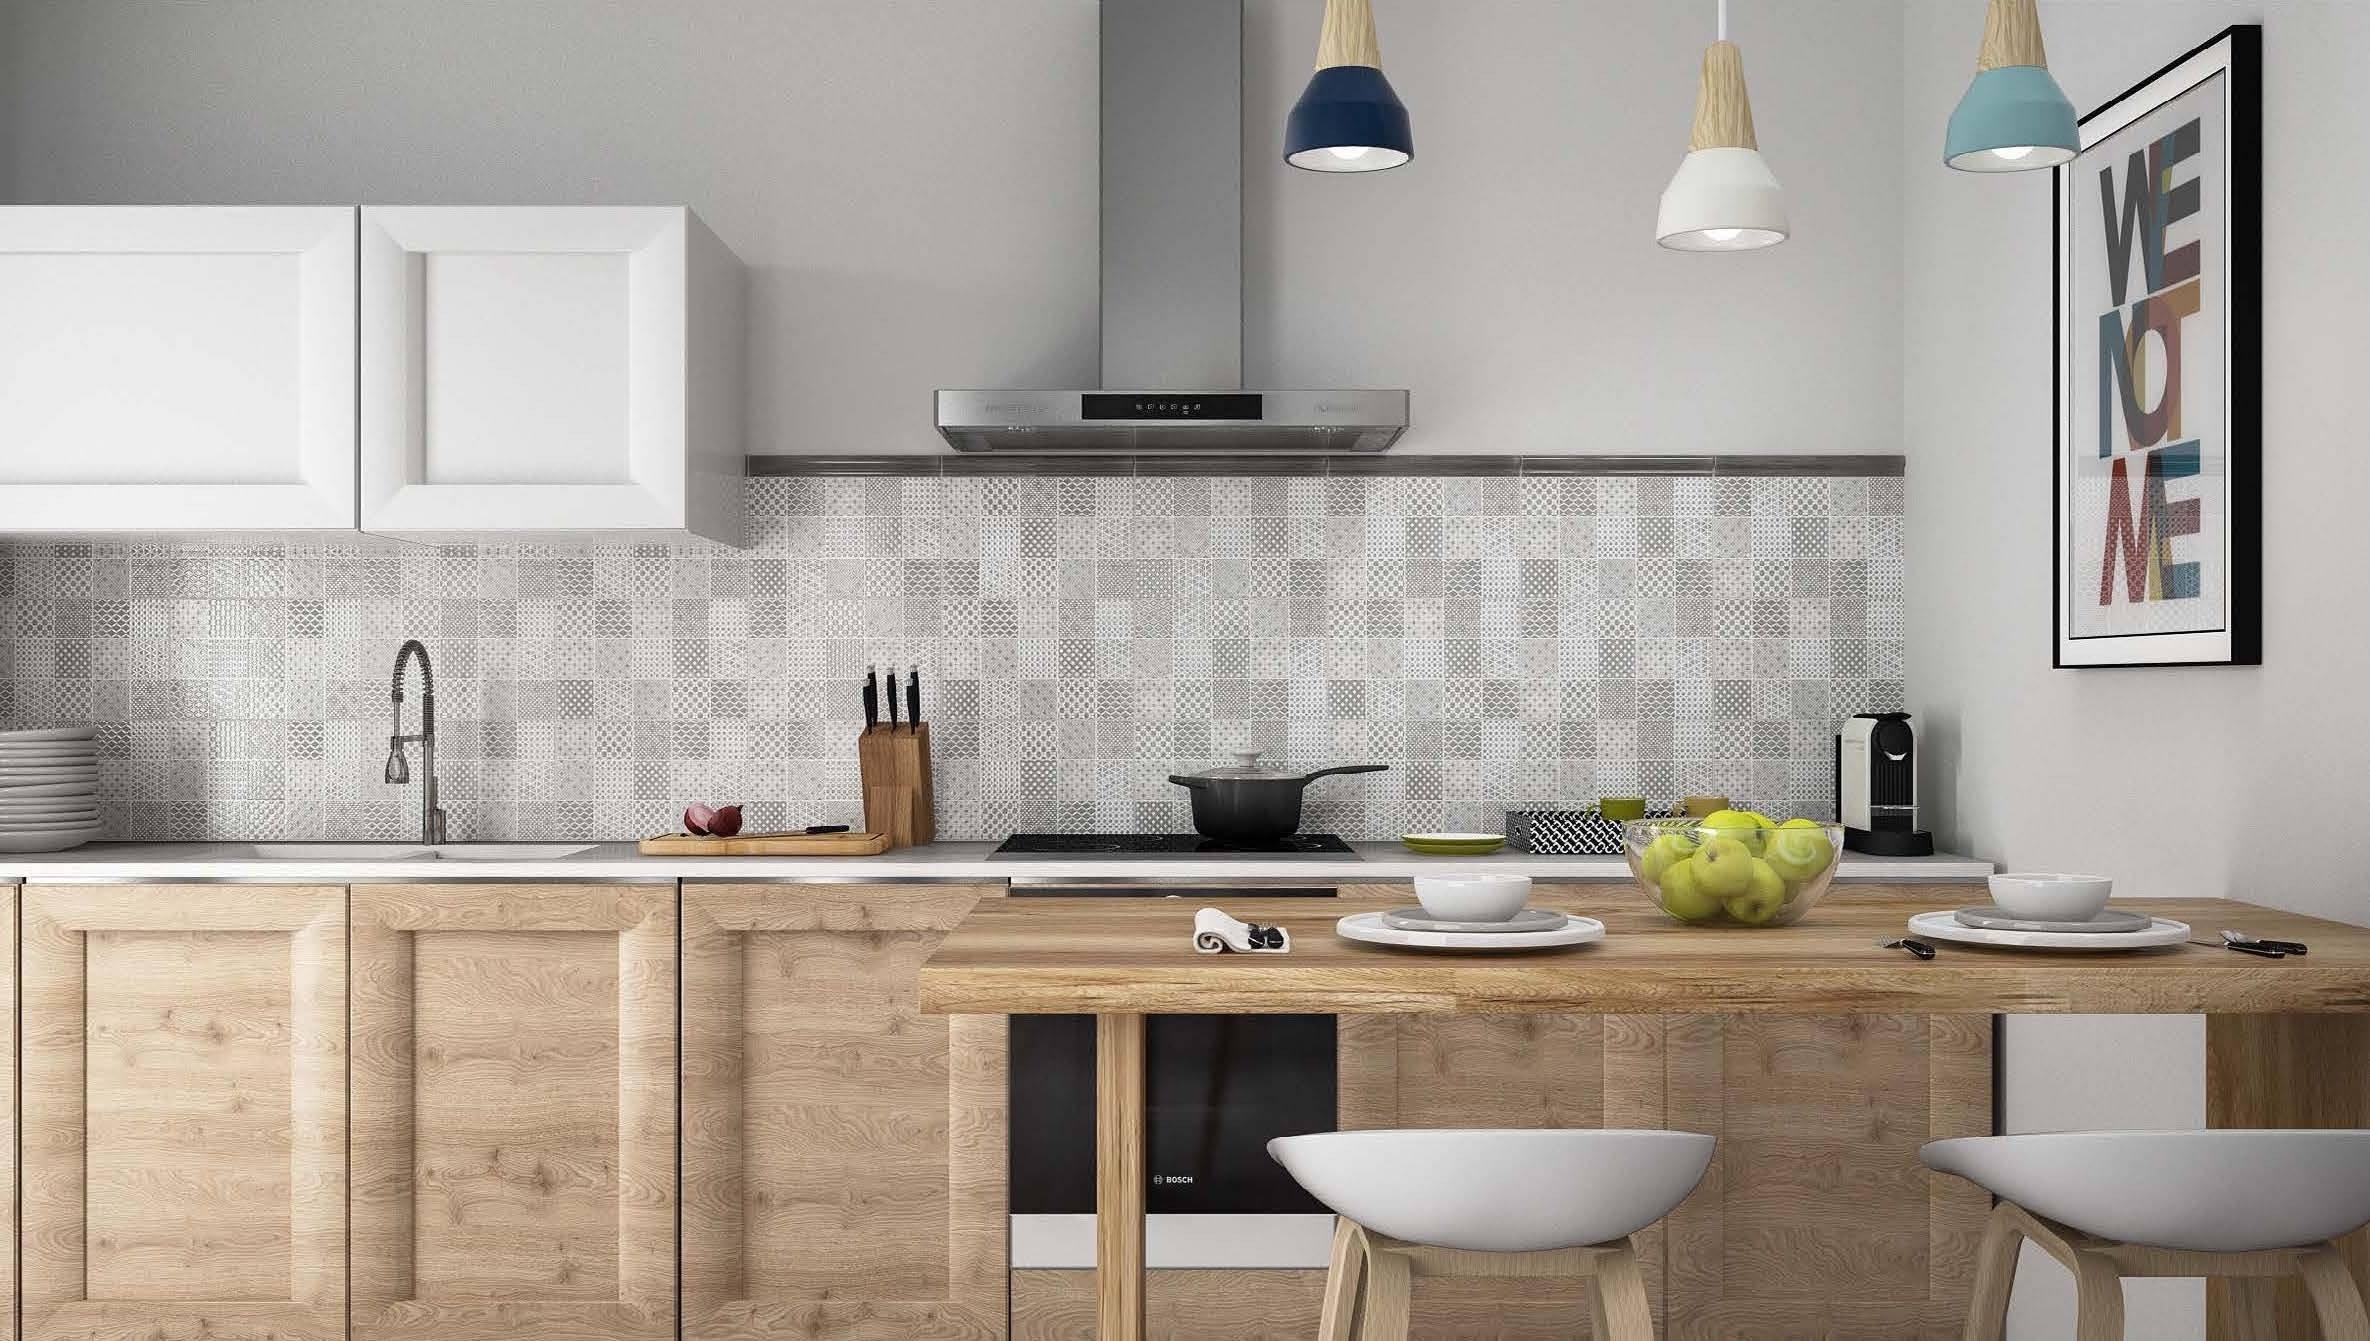 Idea ceramica serie amalfi maiolica grigio perla 25 40 for Piastrelle maiolica cucina